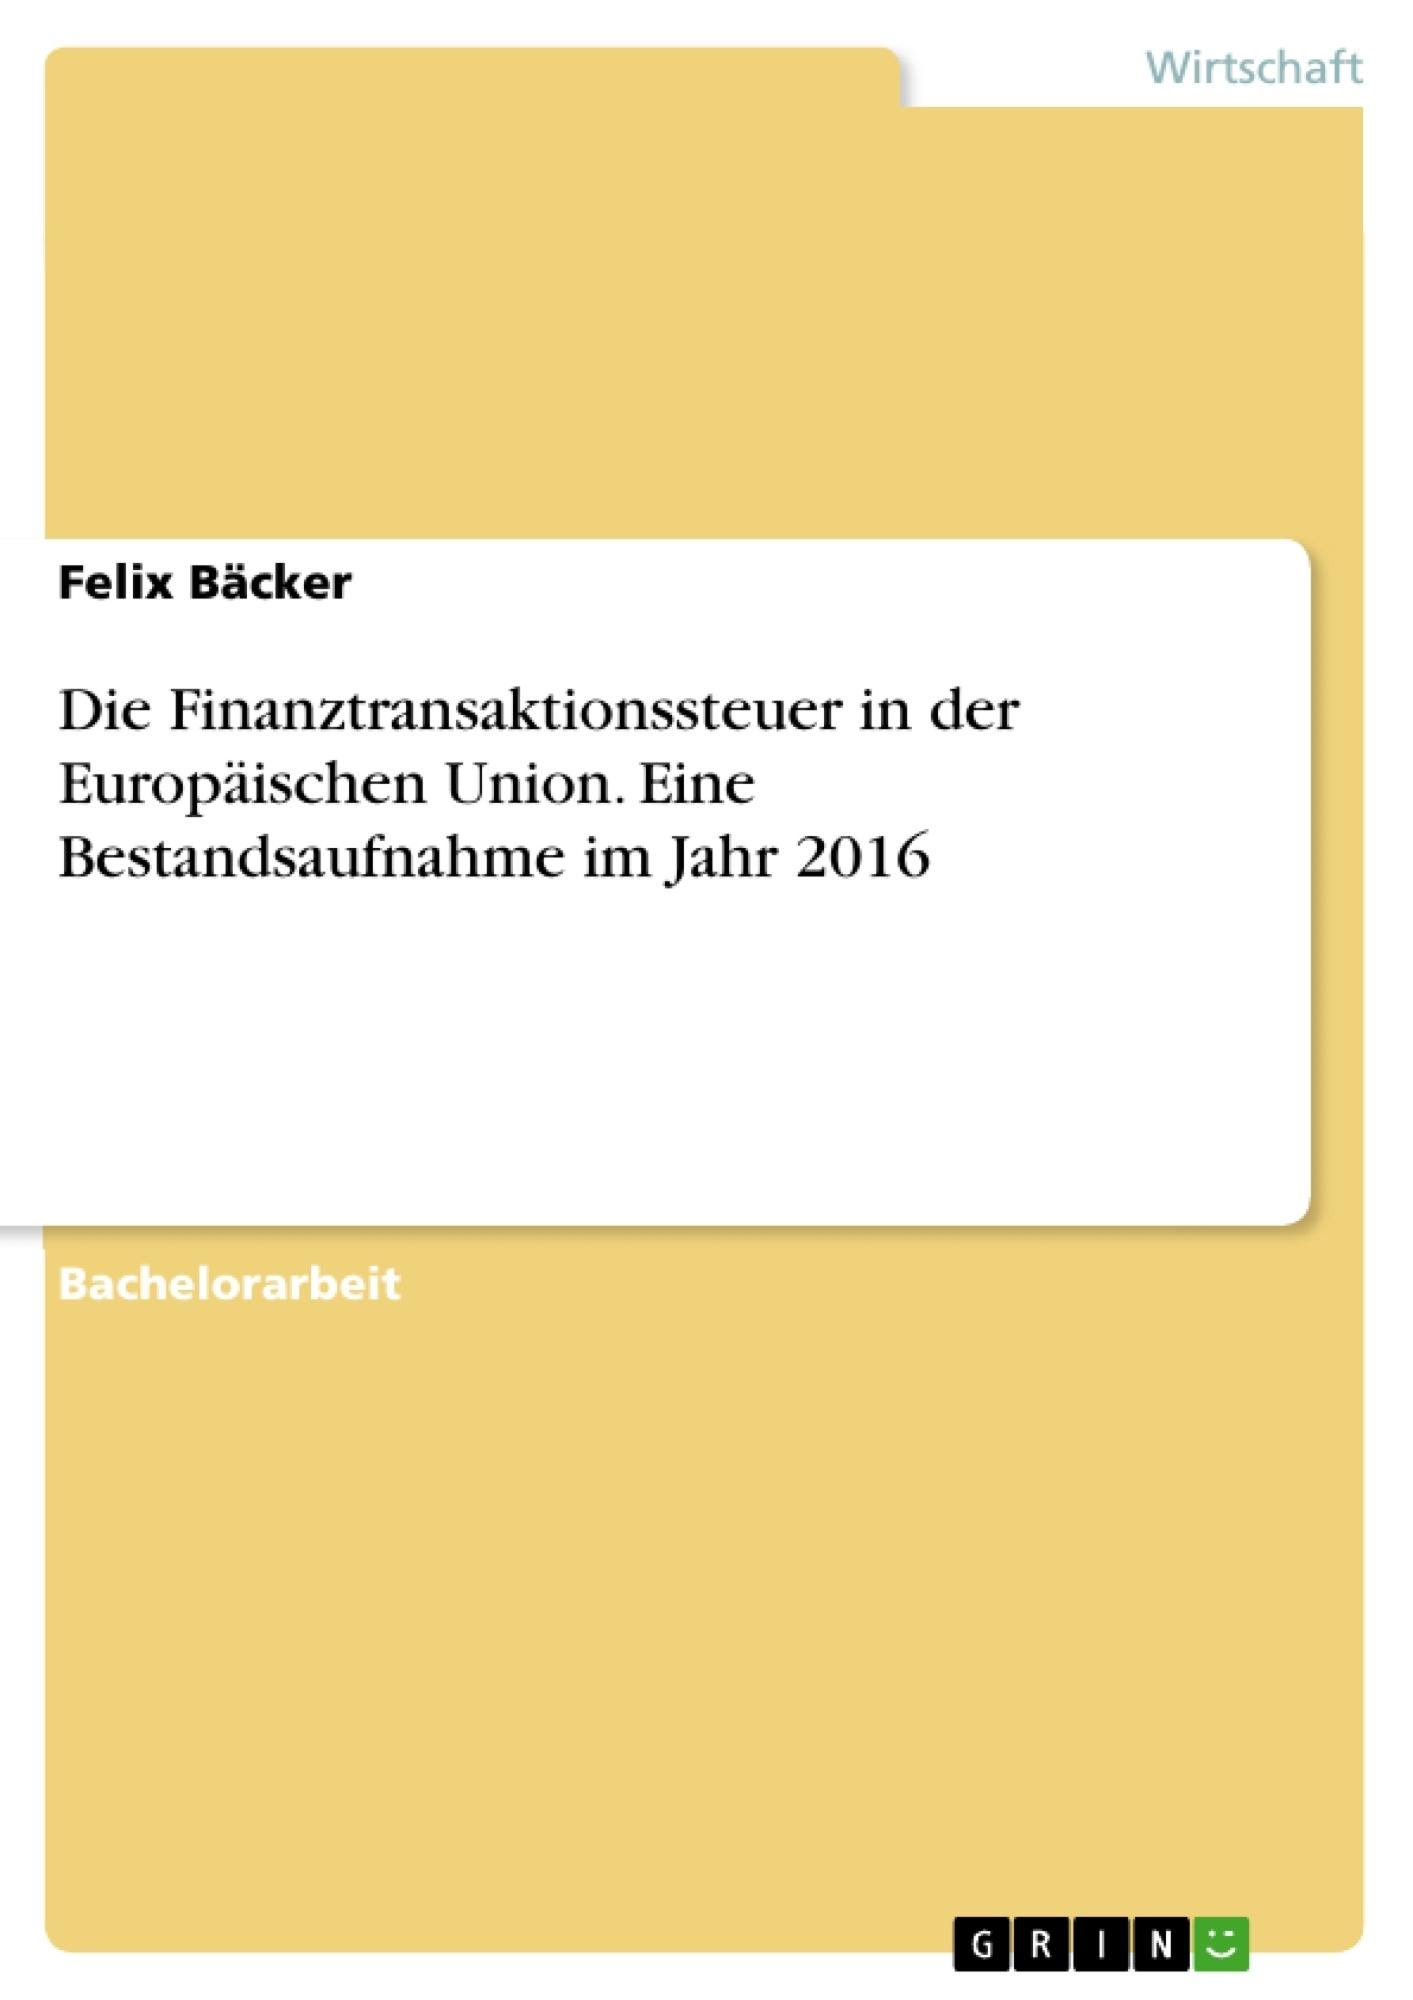 Titel: Die Finanztransaktionssteuer in der Europäischen Union. Eine Bestandsaufnahme im Jahr 2016